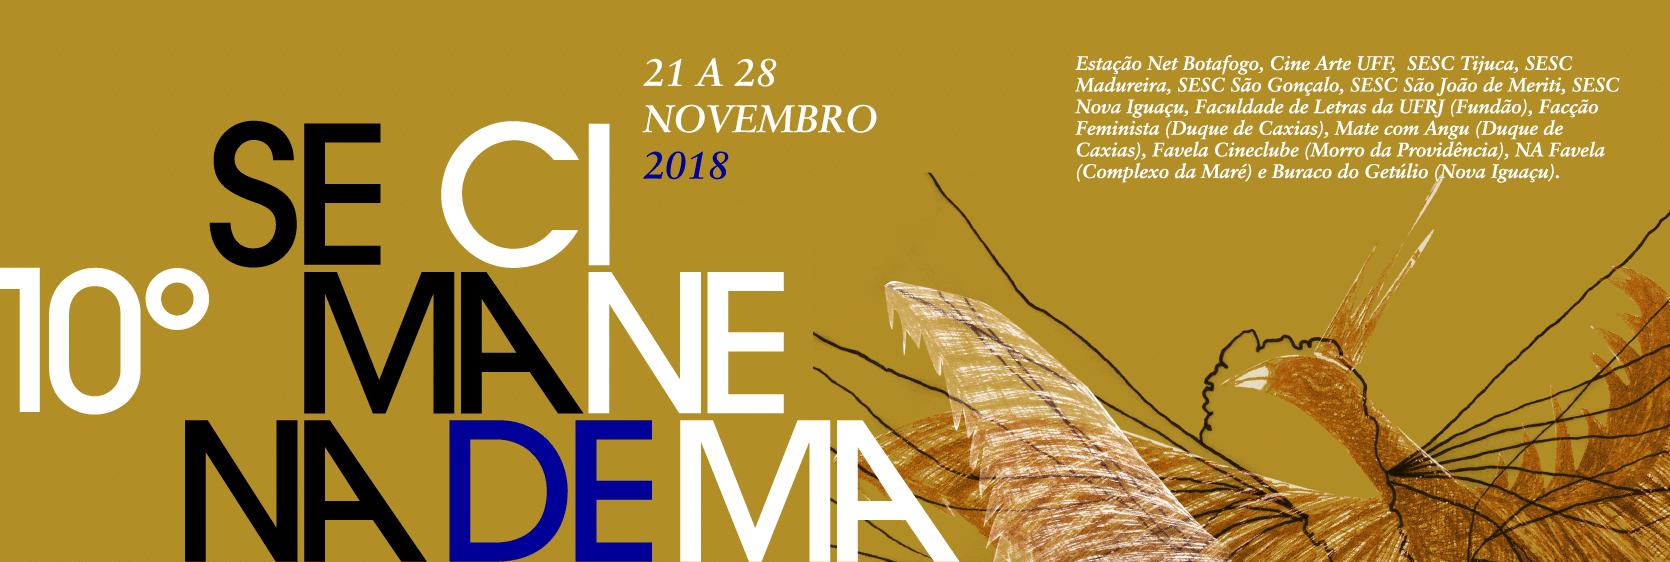 10ª Semana de Cinema Balanço Curtas e Médias